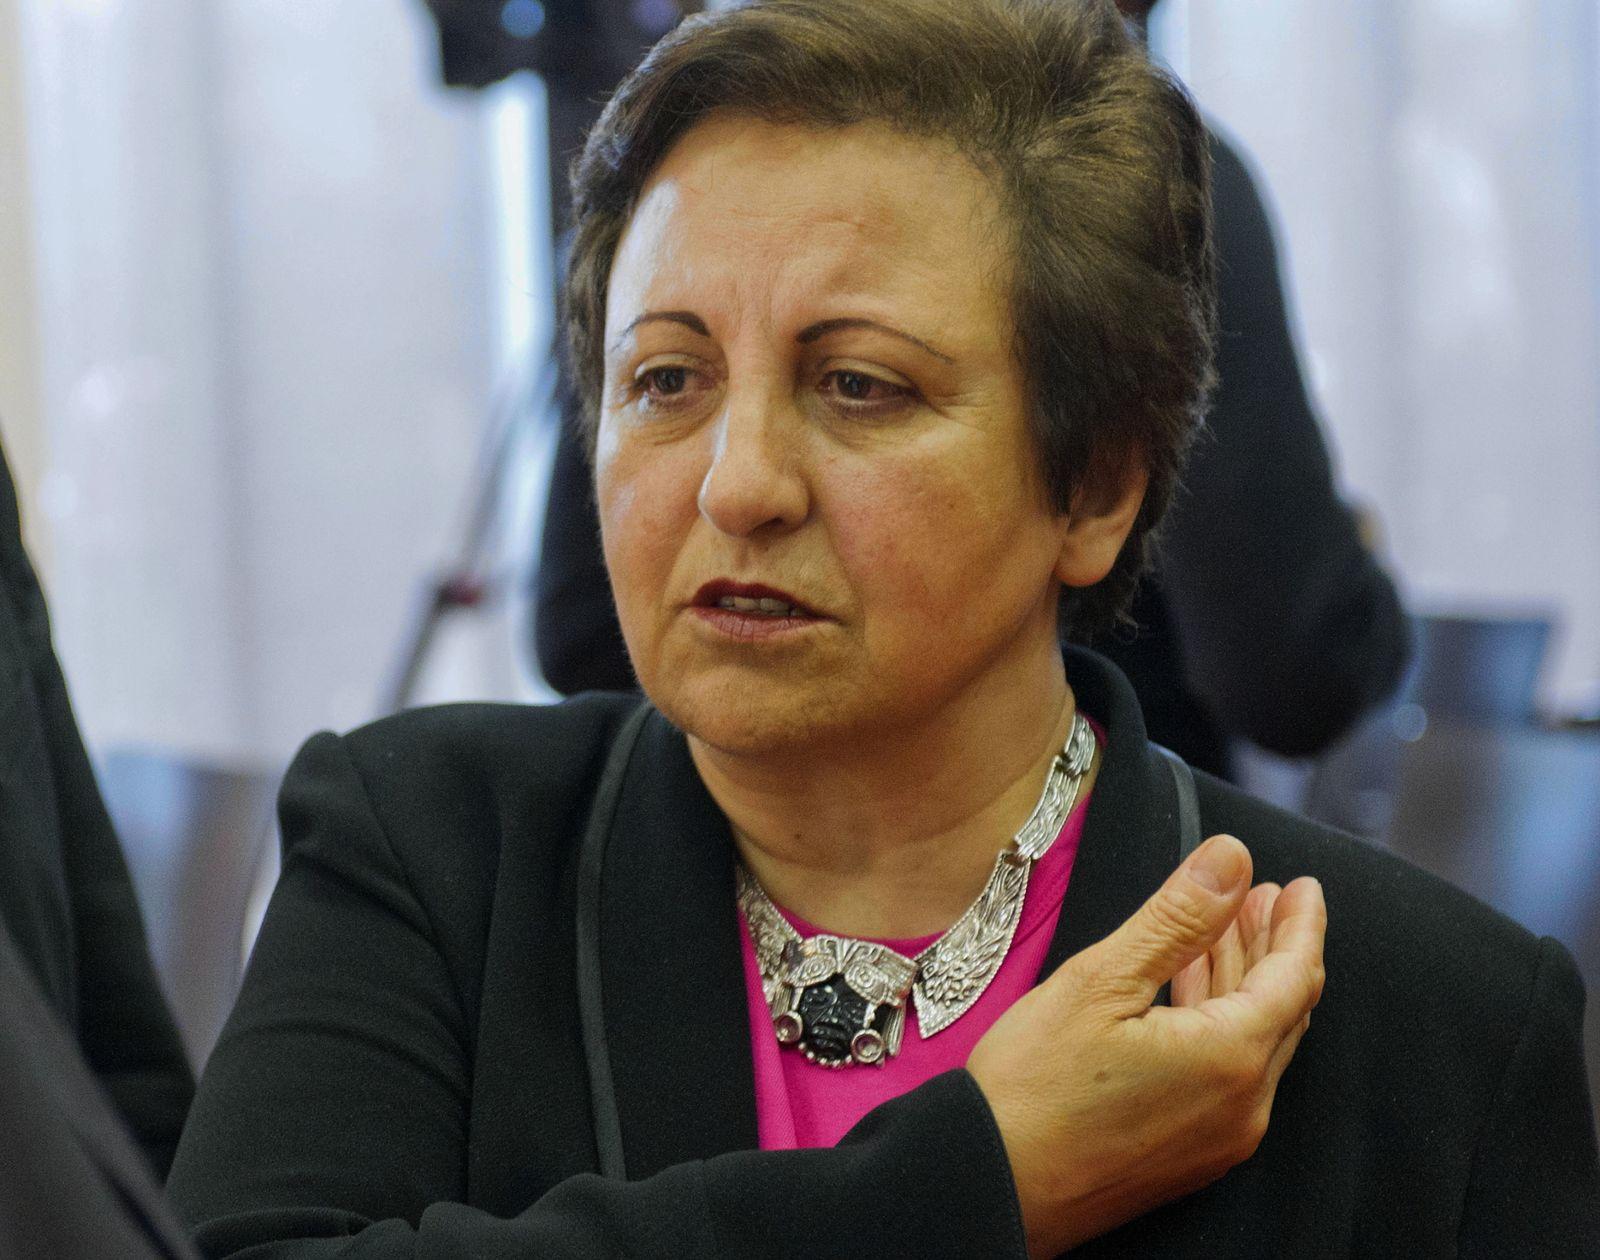 NICHT VERWENDEN Schirin Ebadi